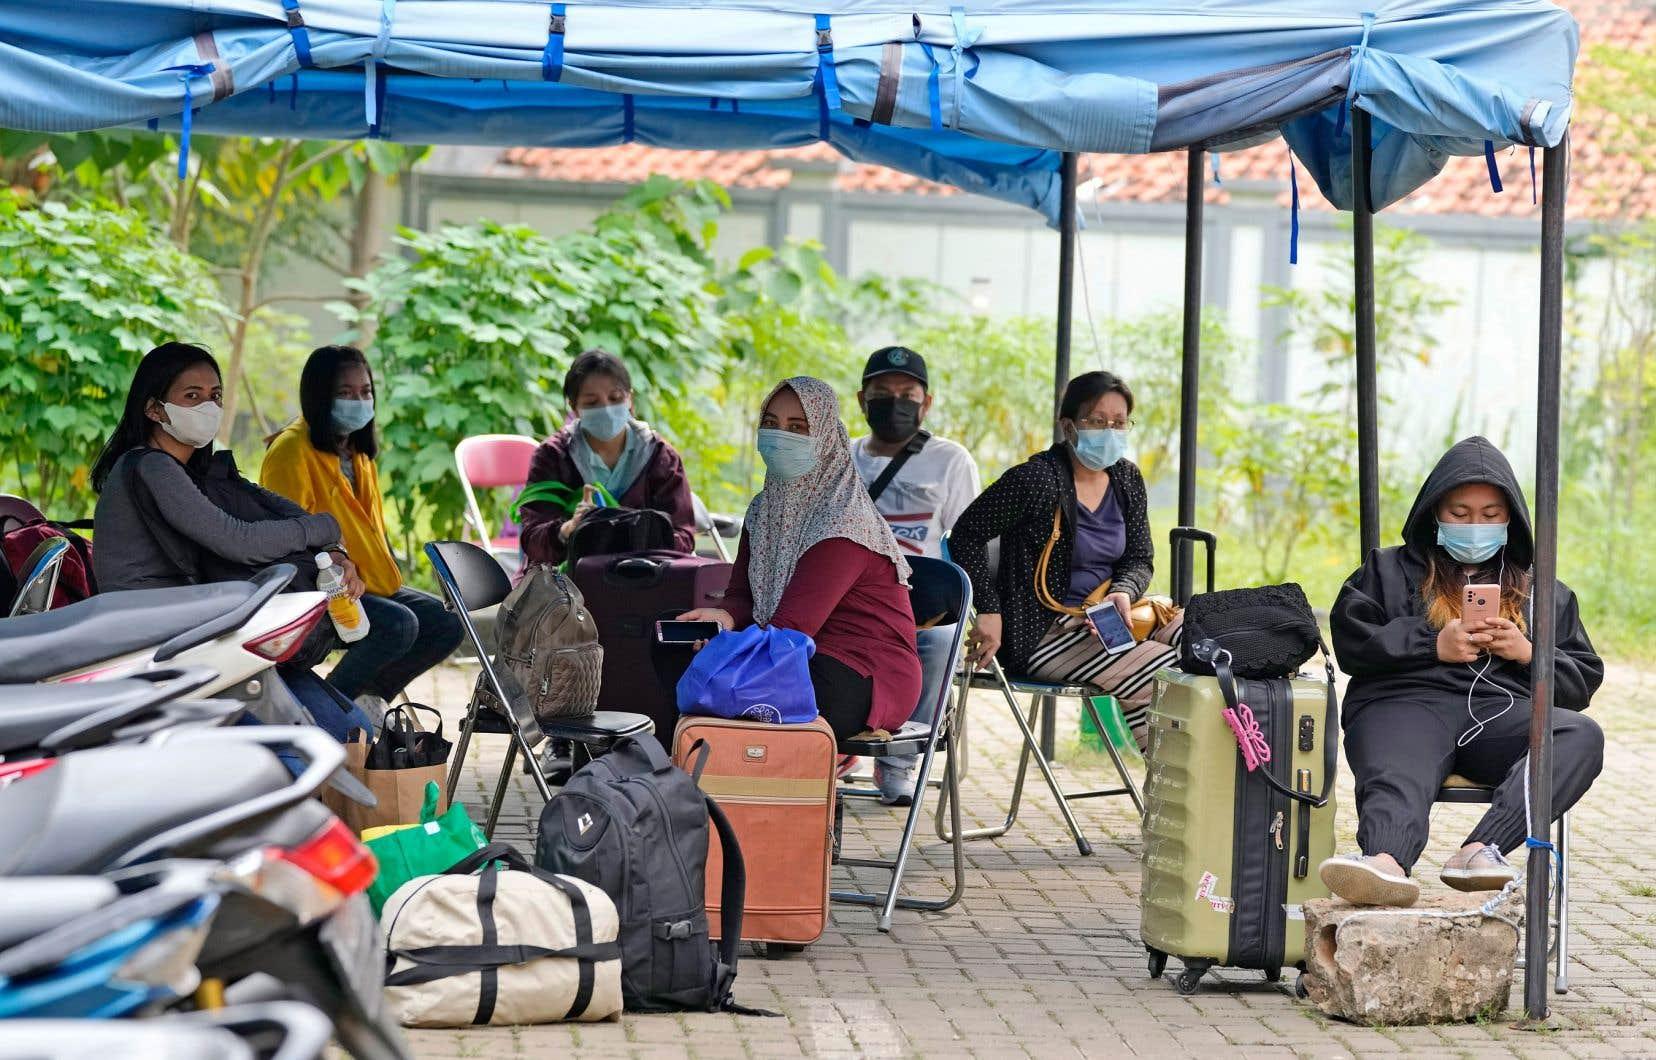 Des personnes déclarées positives attendaient vendredi d'être transférées à un hôpital de Jakarta, en Indonésie. Le pays a connu des pics de nouveaux cas récemment, attribués aux déplacements durant la fête Eid al-Fitr et à l'arrivée de variants.